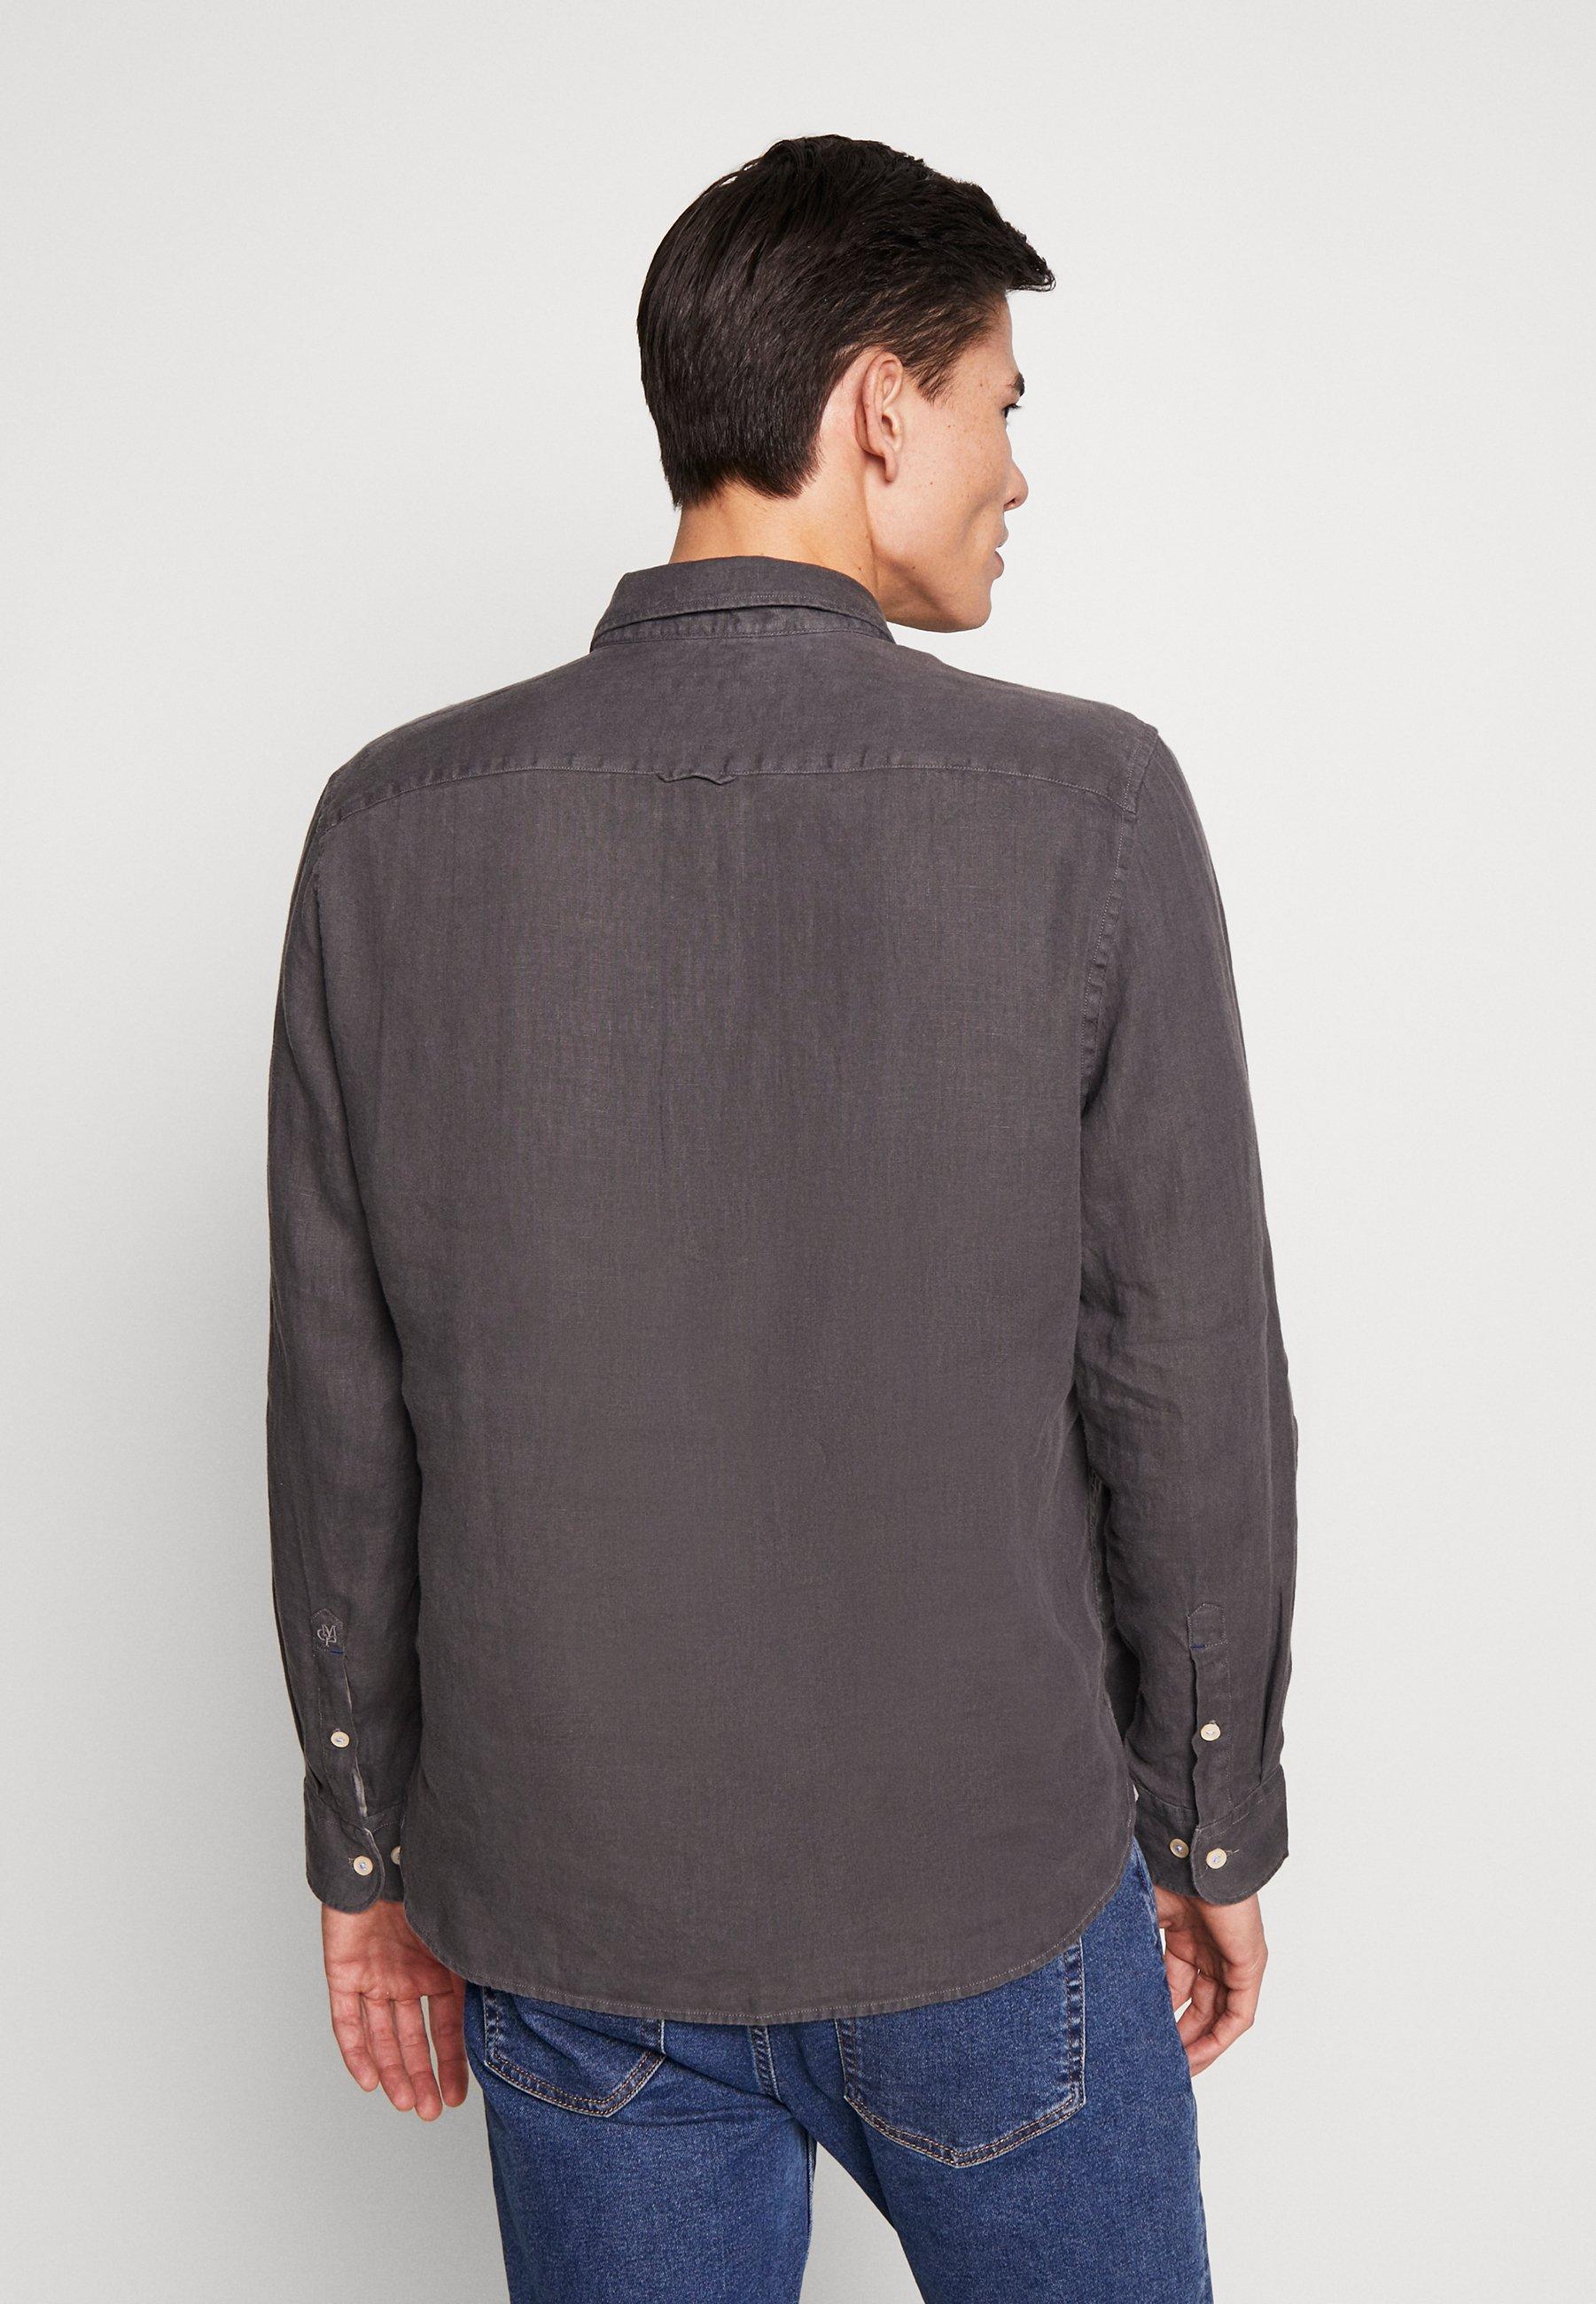 Marc O'Polo Koszula - gray